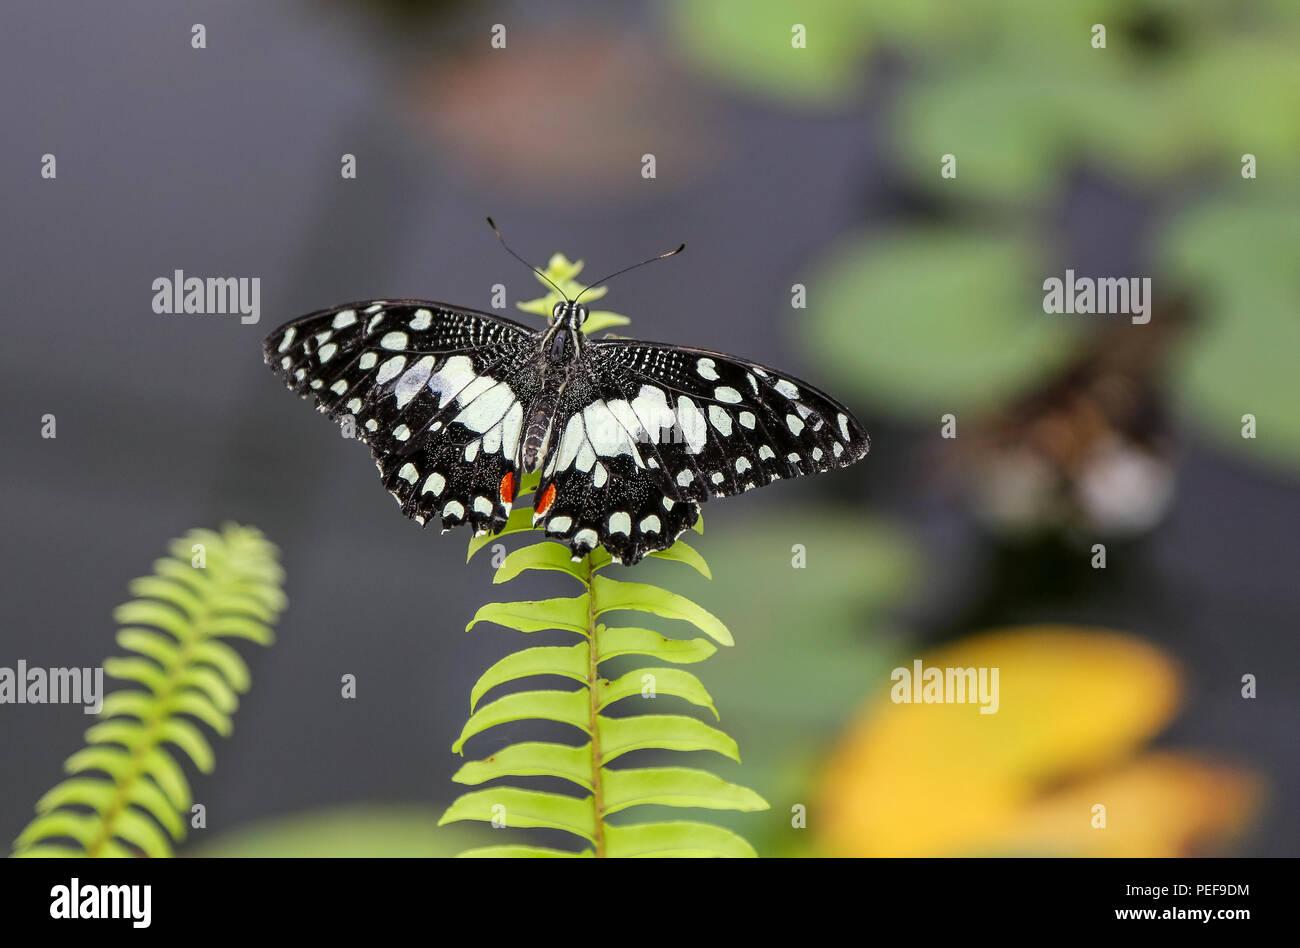 Papilio demoleus è un comune e diffuso a farfalla a coda di rondine. La farfalla è anche conosciuta come la calce butterfly, limone butterfly, calce swallowtai Immagini Stock